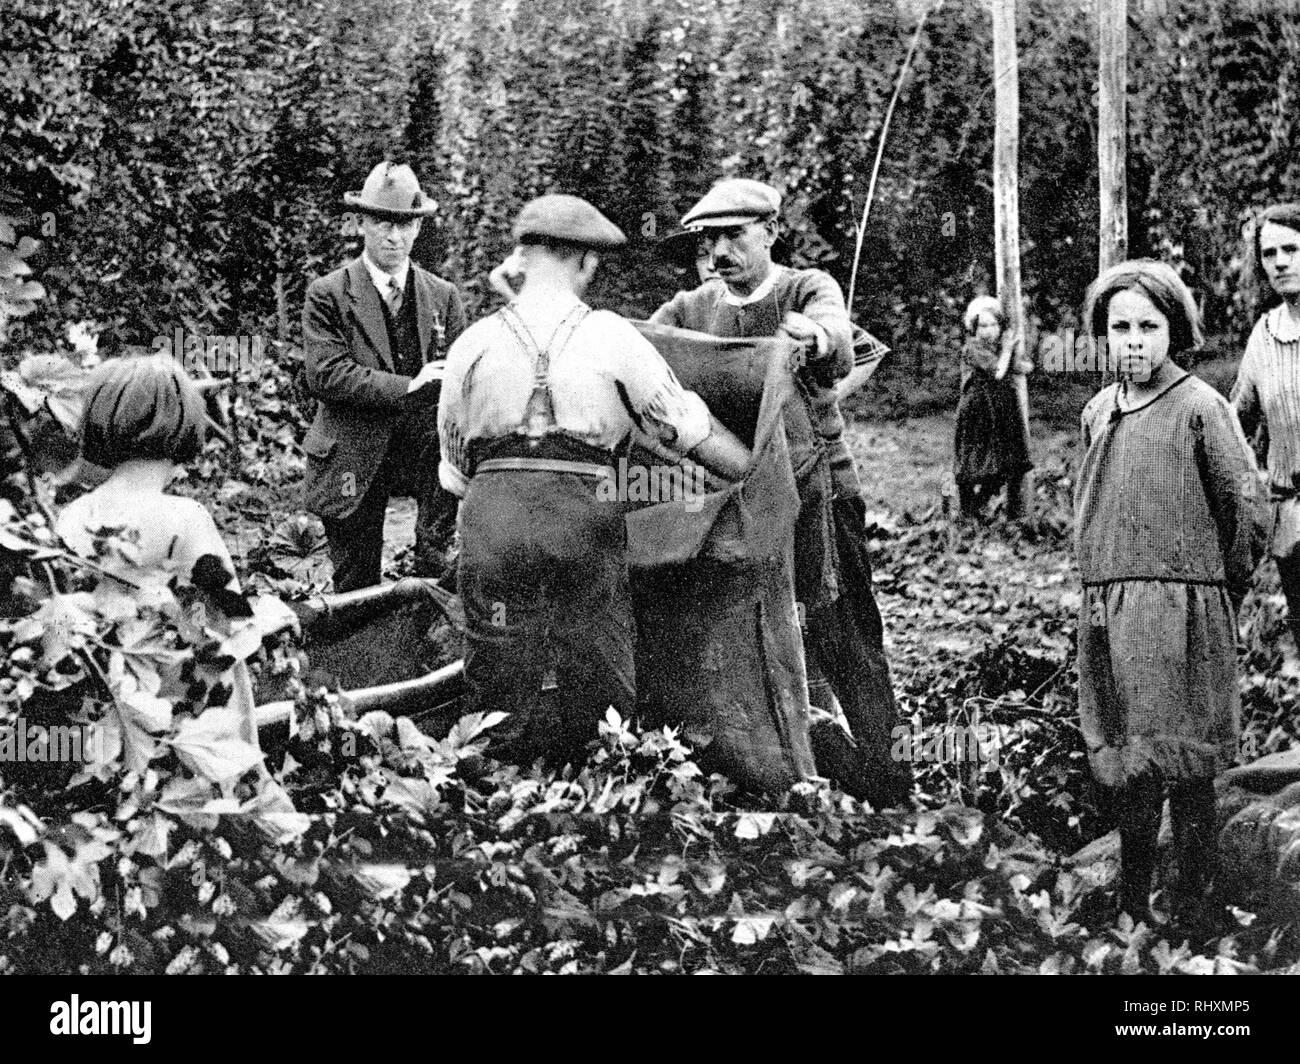 Hop picking - Stock Image